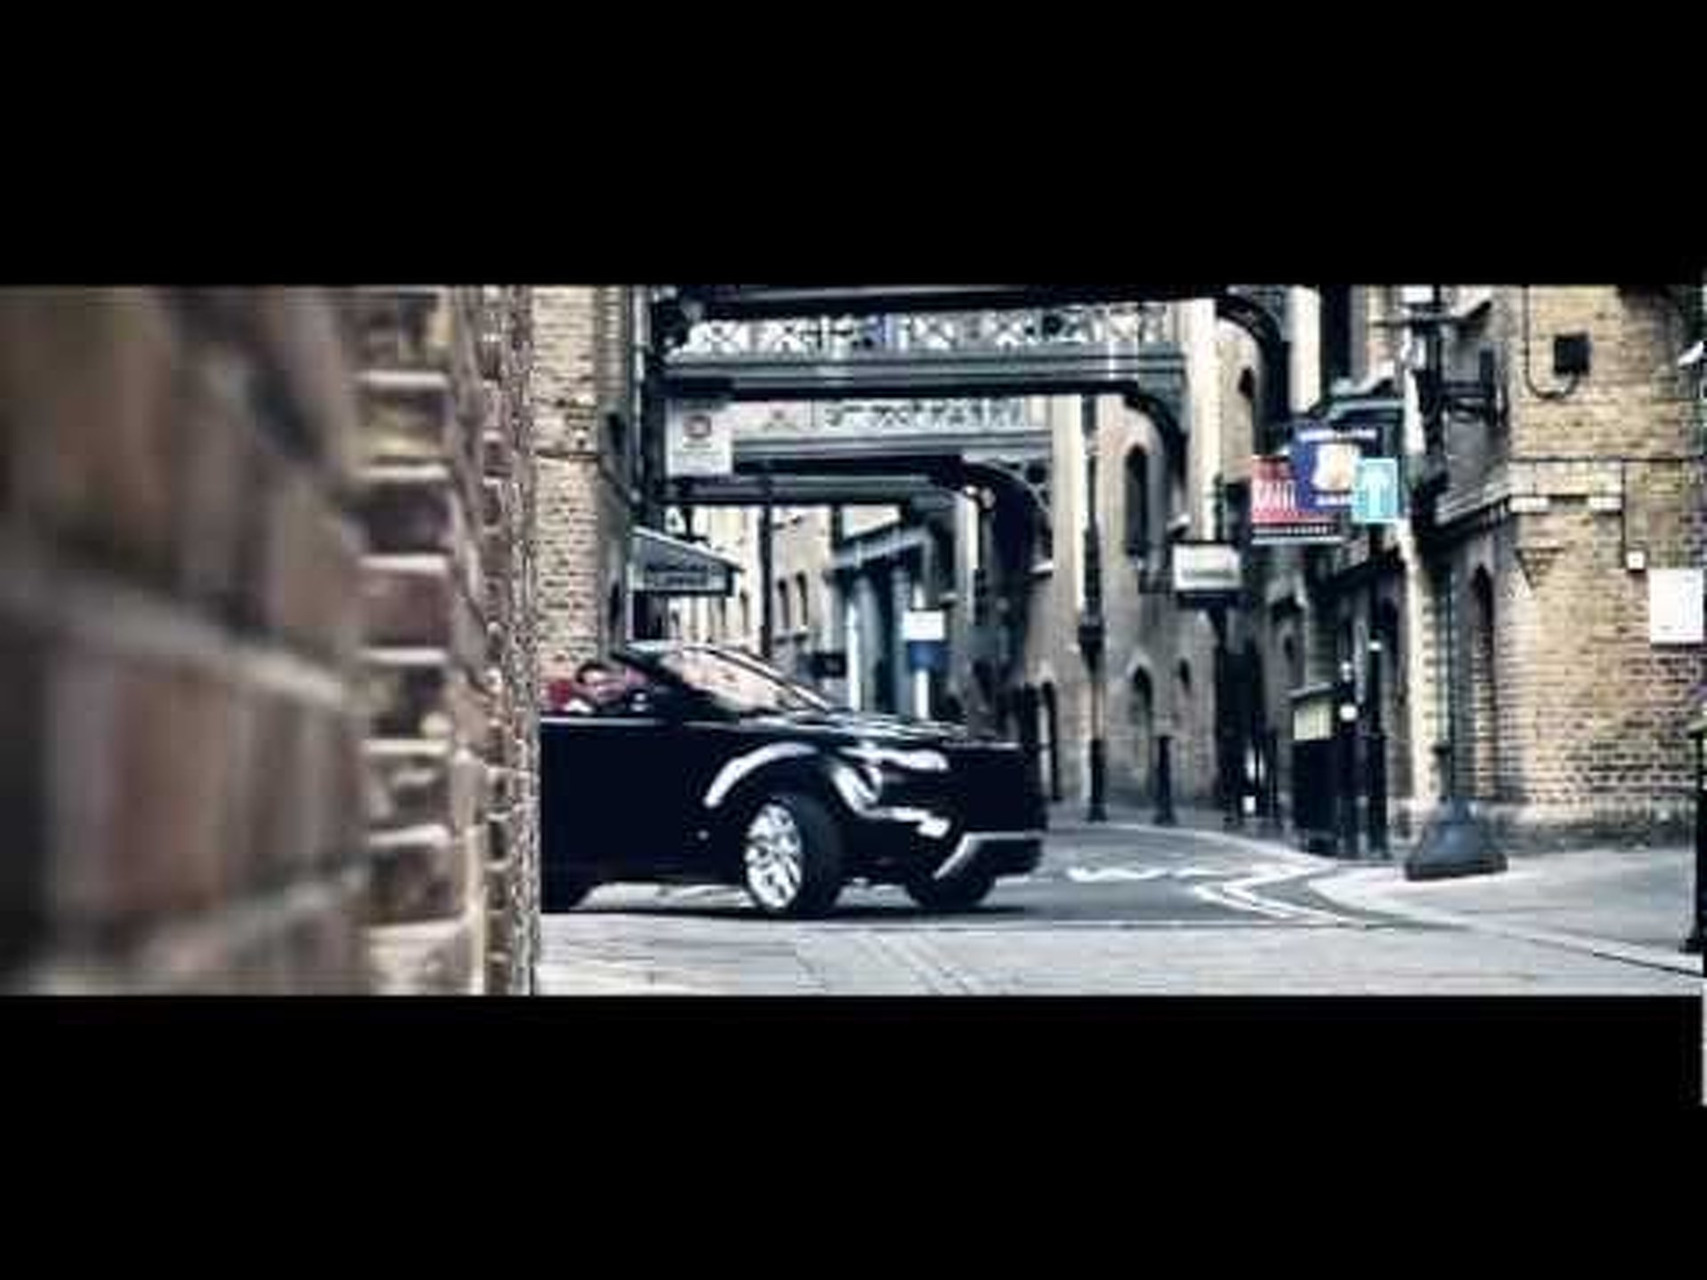 2012 Land Rover Range Rover Evoque Convertible Concept